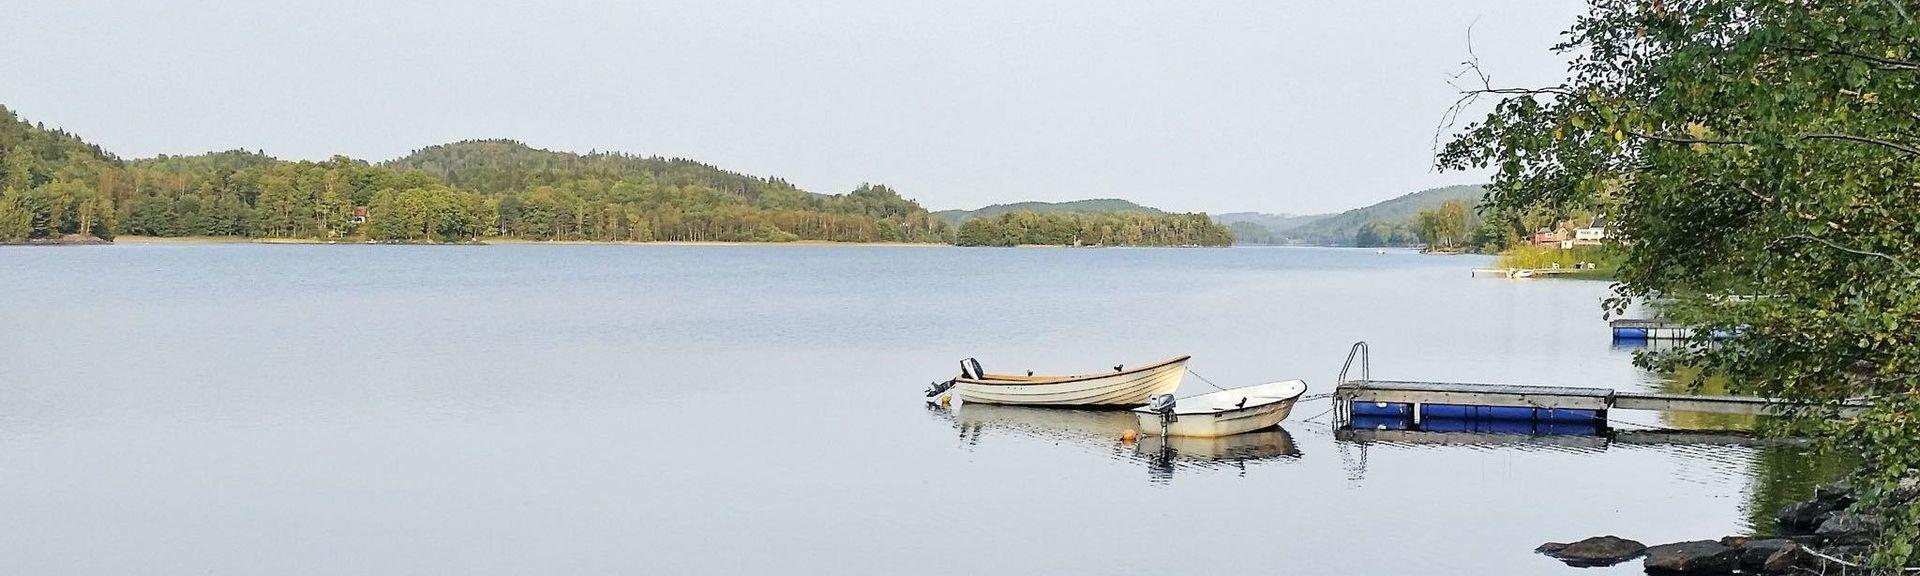 Partille, Vastra Gotaland County, Sweden